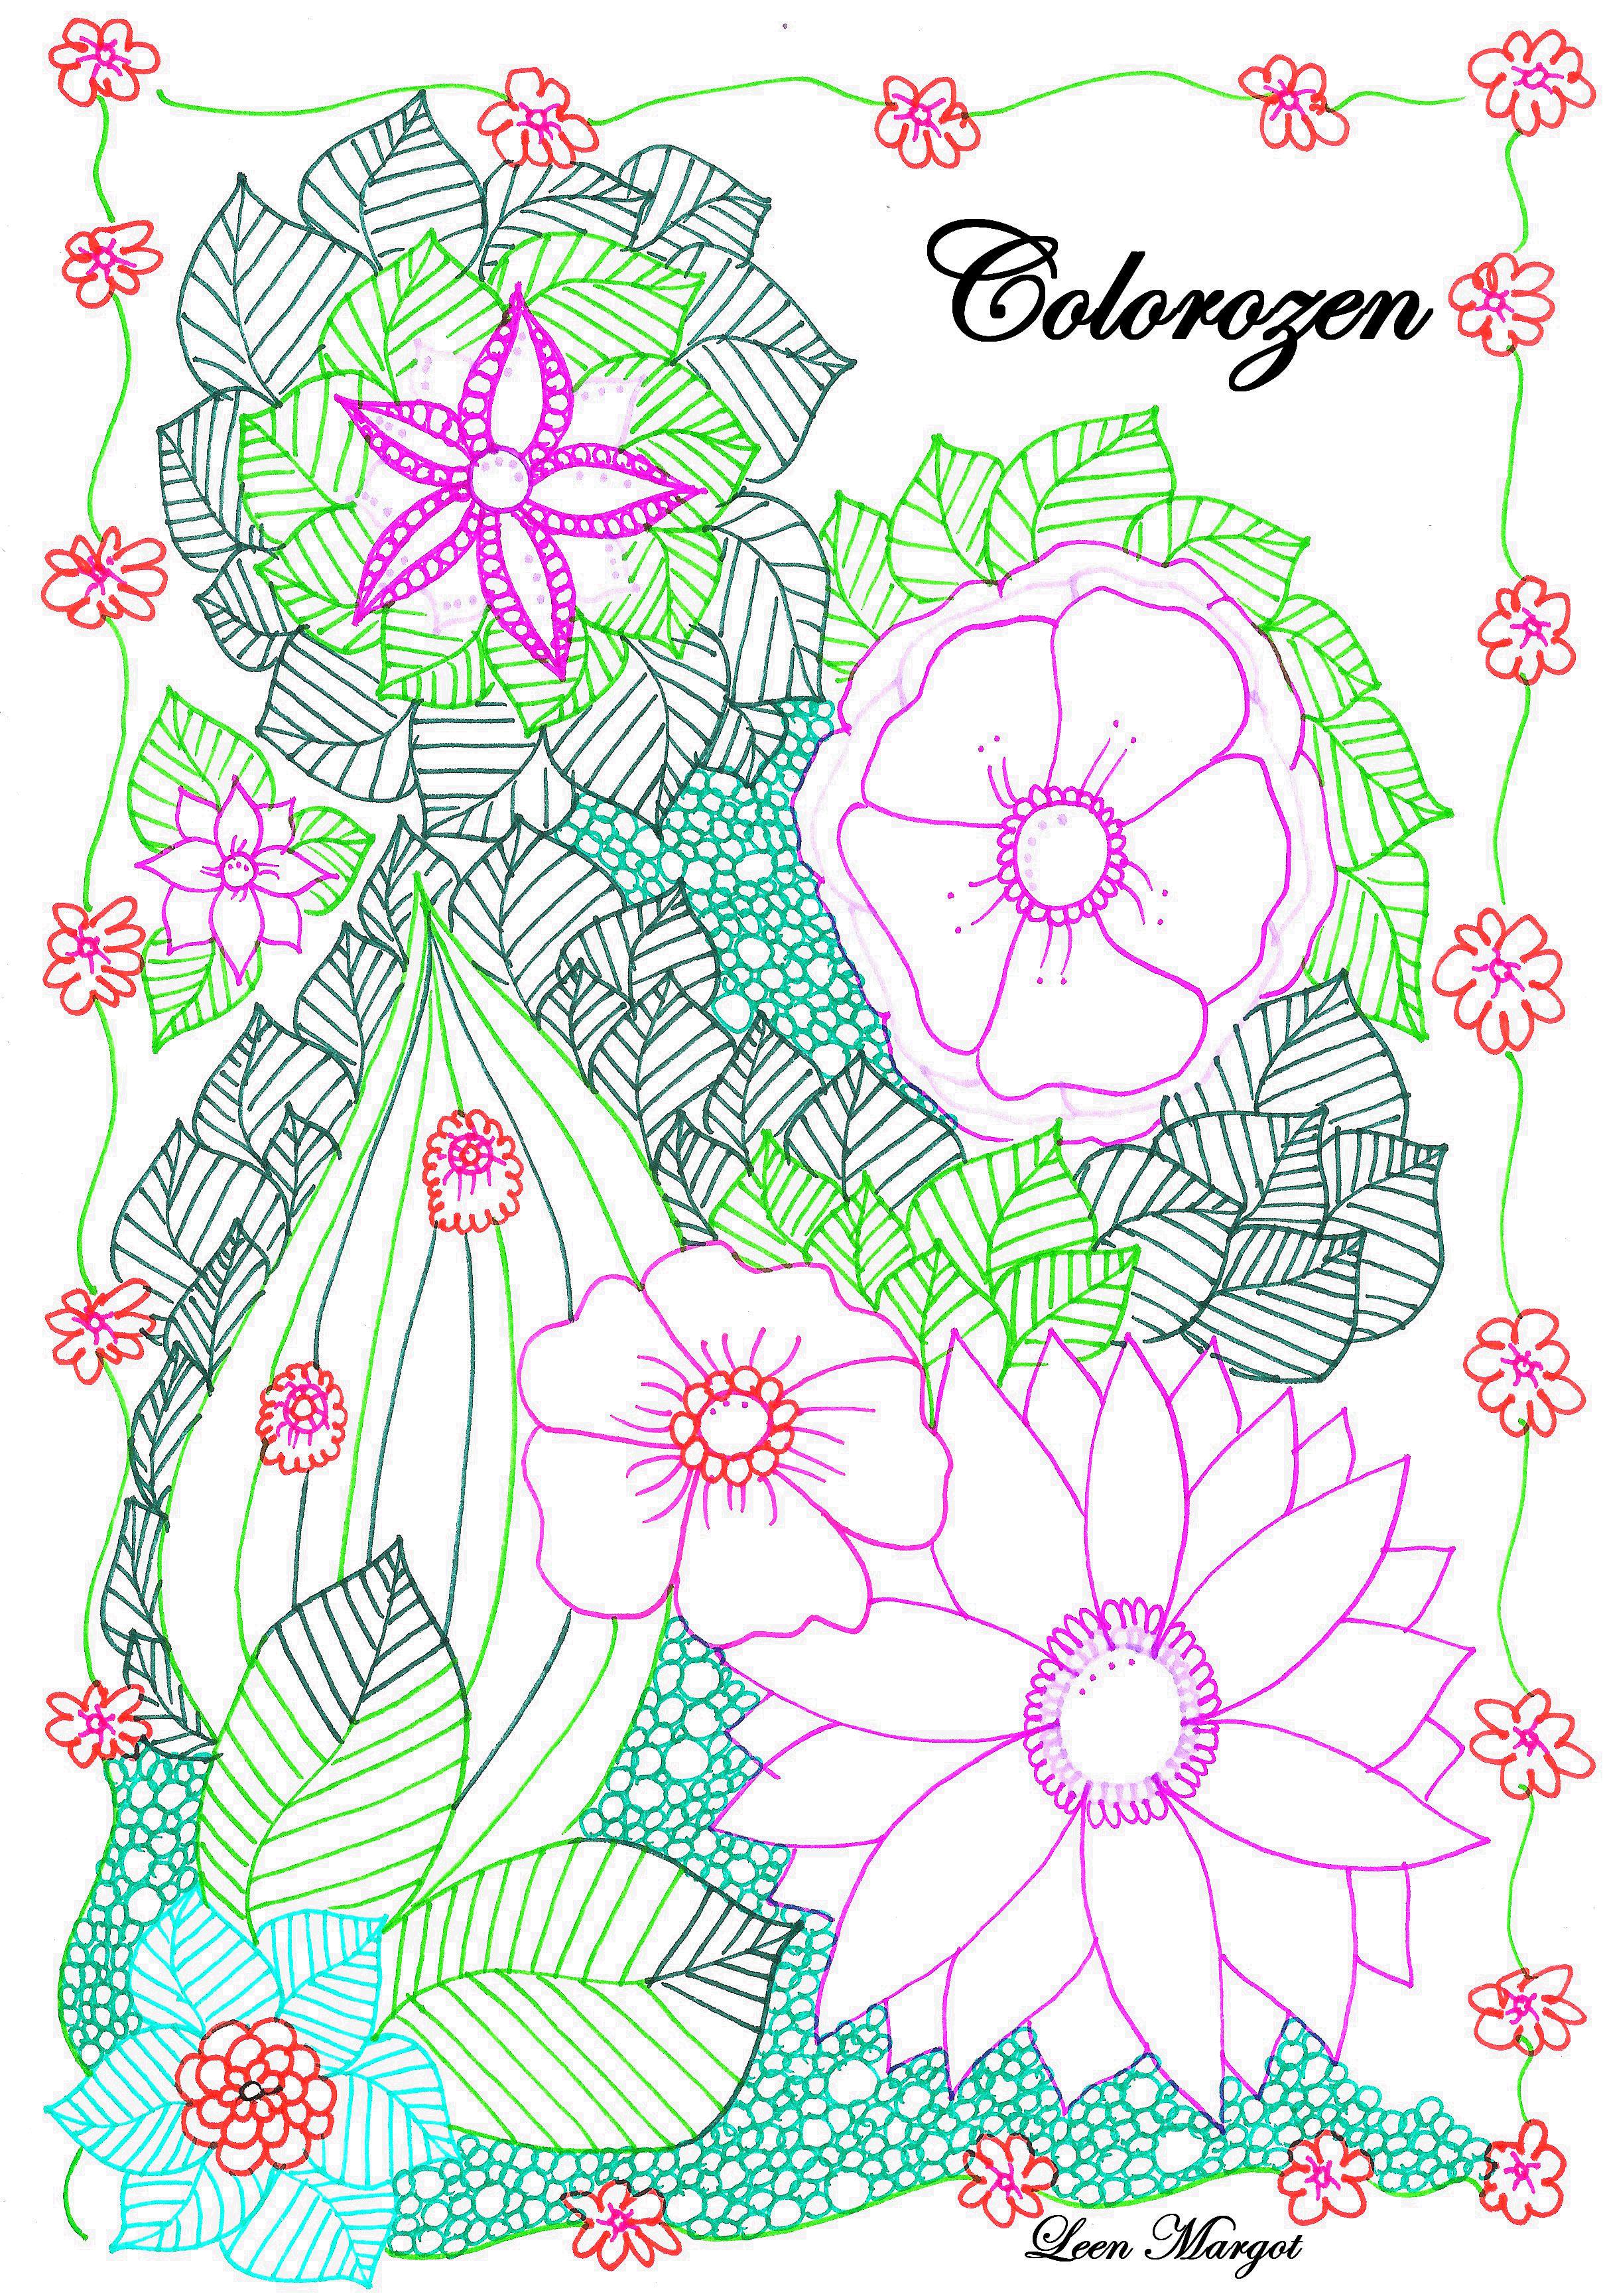 Des motifs de fleurs, des couleurs, de l'inspiration, et du talent.